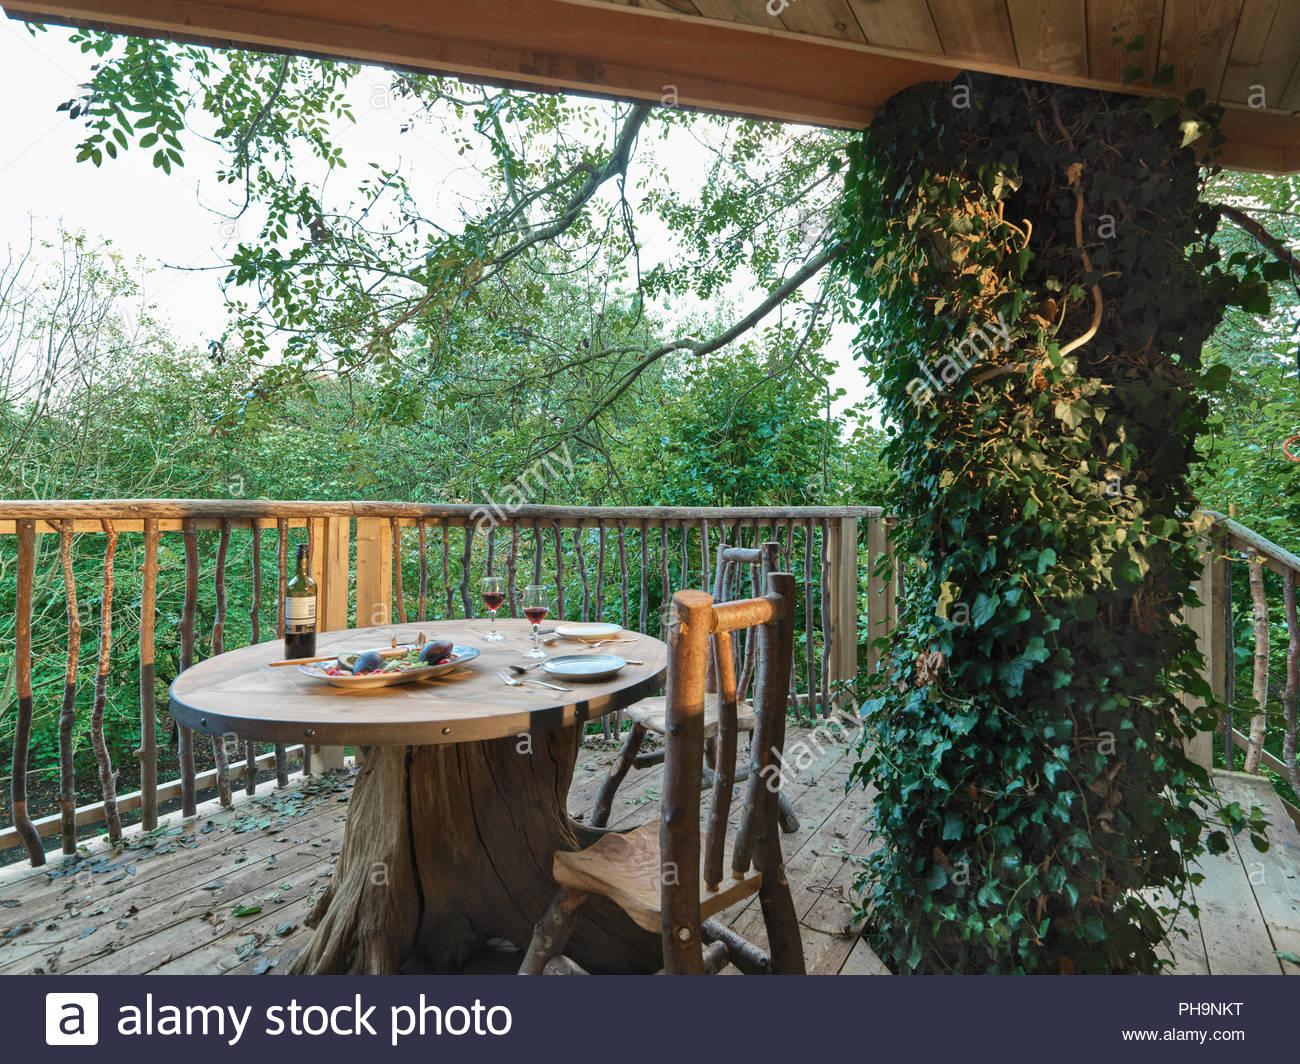 Mesa Y Sillas En Terraza Cabaña Foto Imagen De Stock